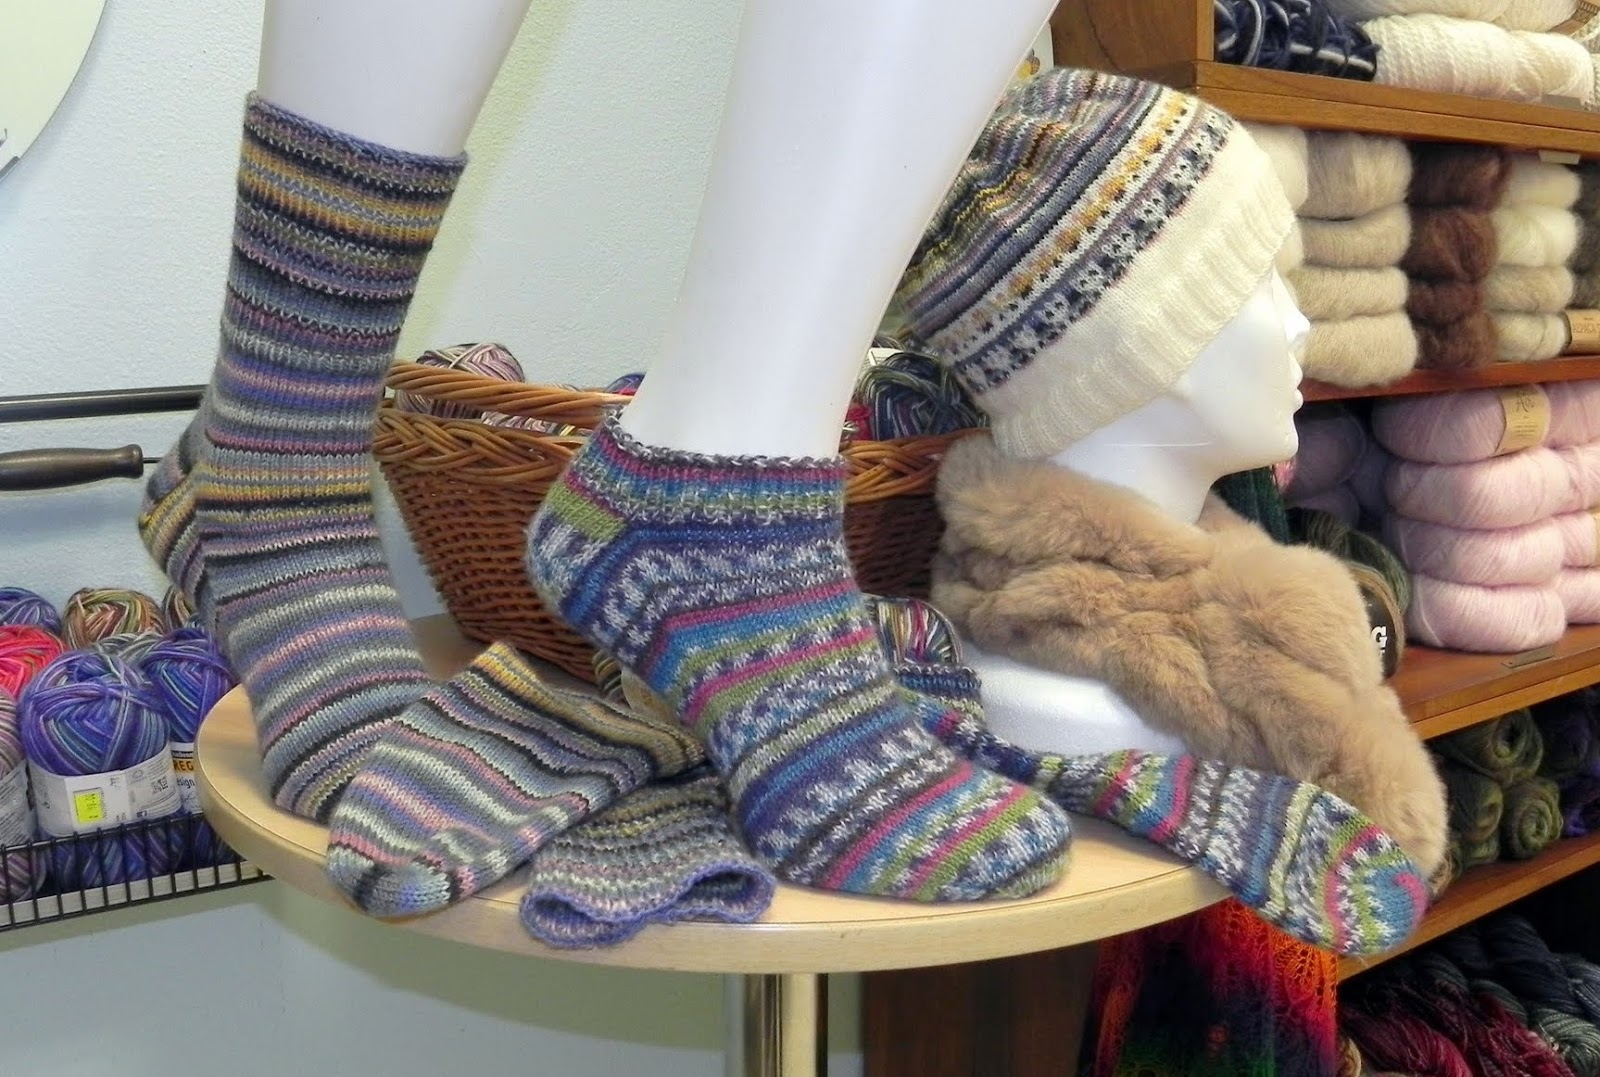 Škola pletení a háčkování Katrincola yarn fbca37ce09